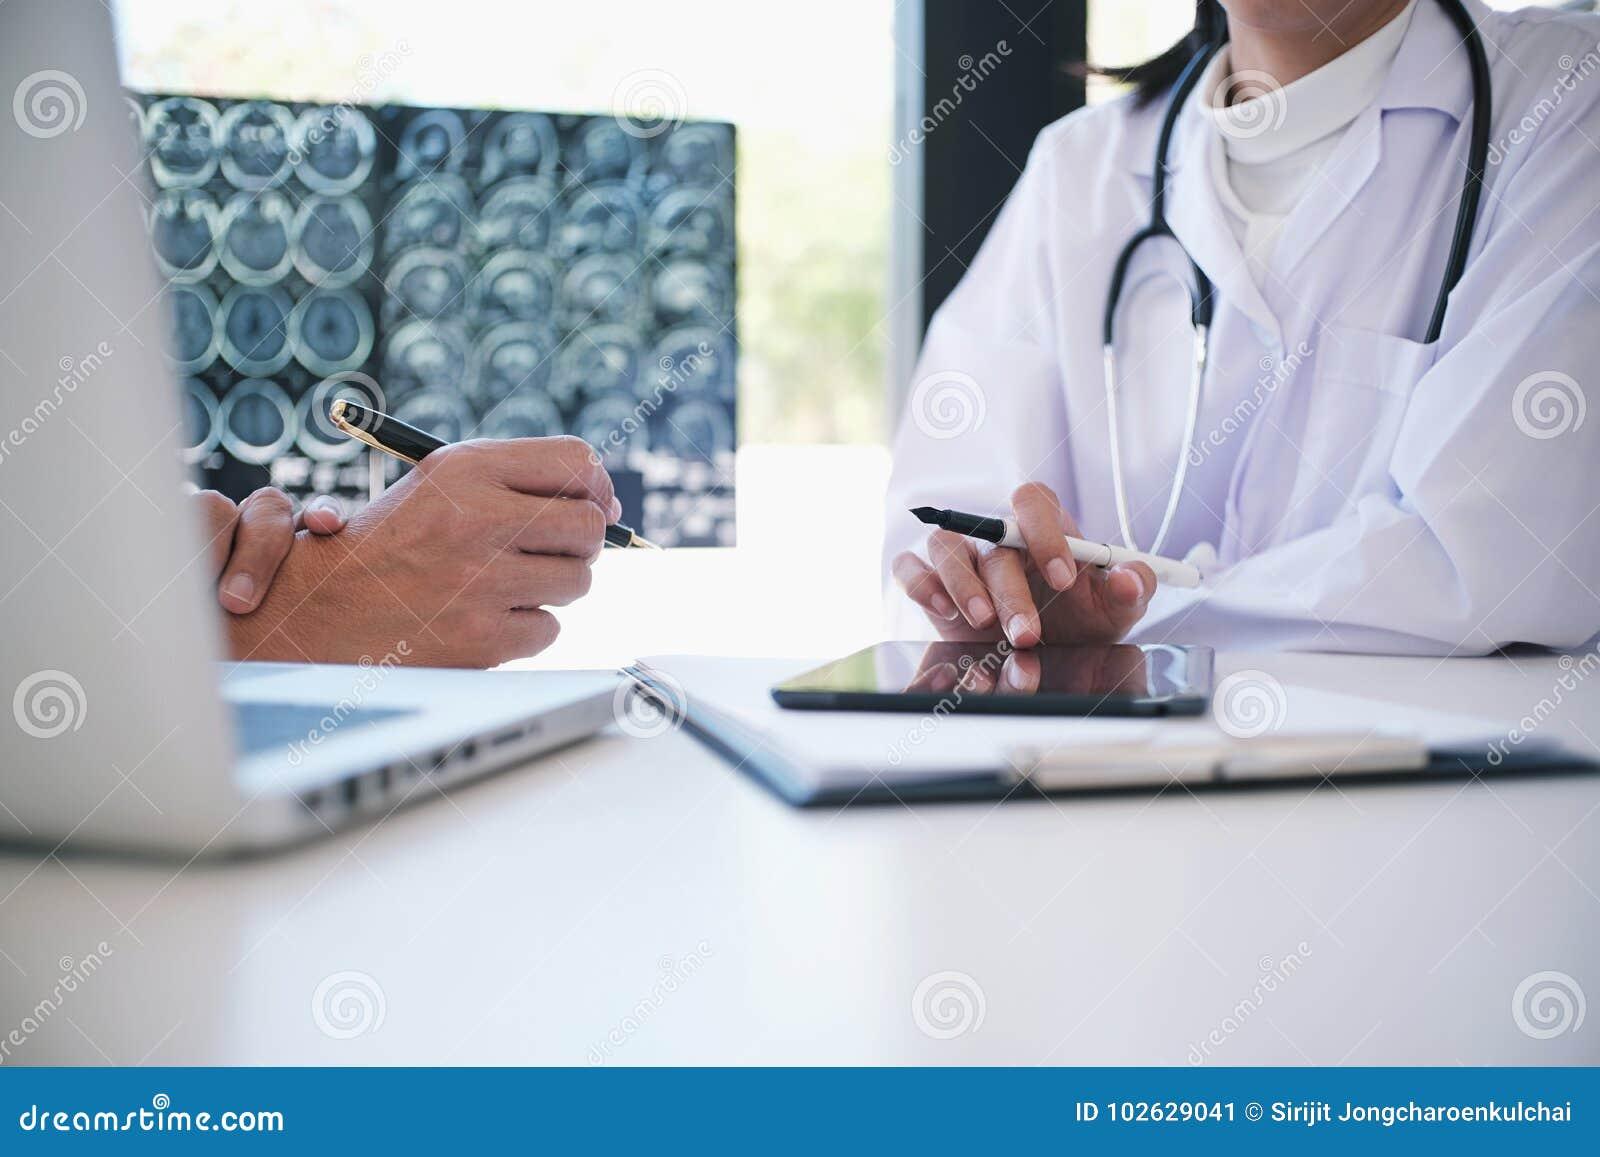 Povos da profissão da educação e fim do conceito da medicina acima do hap